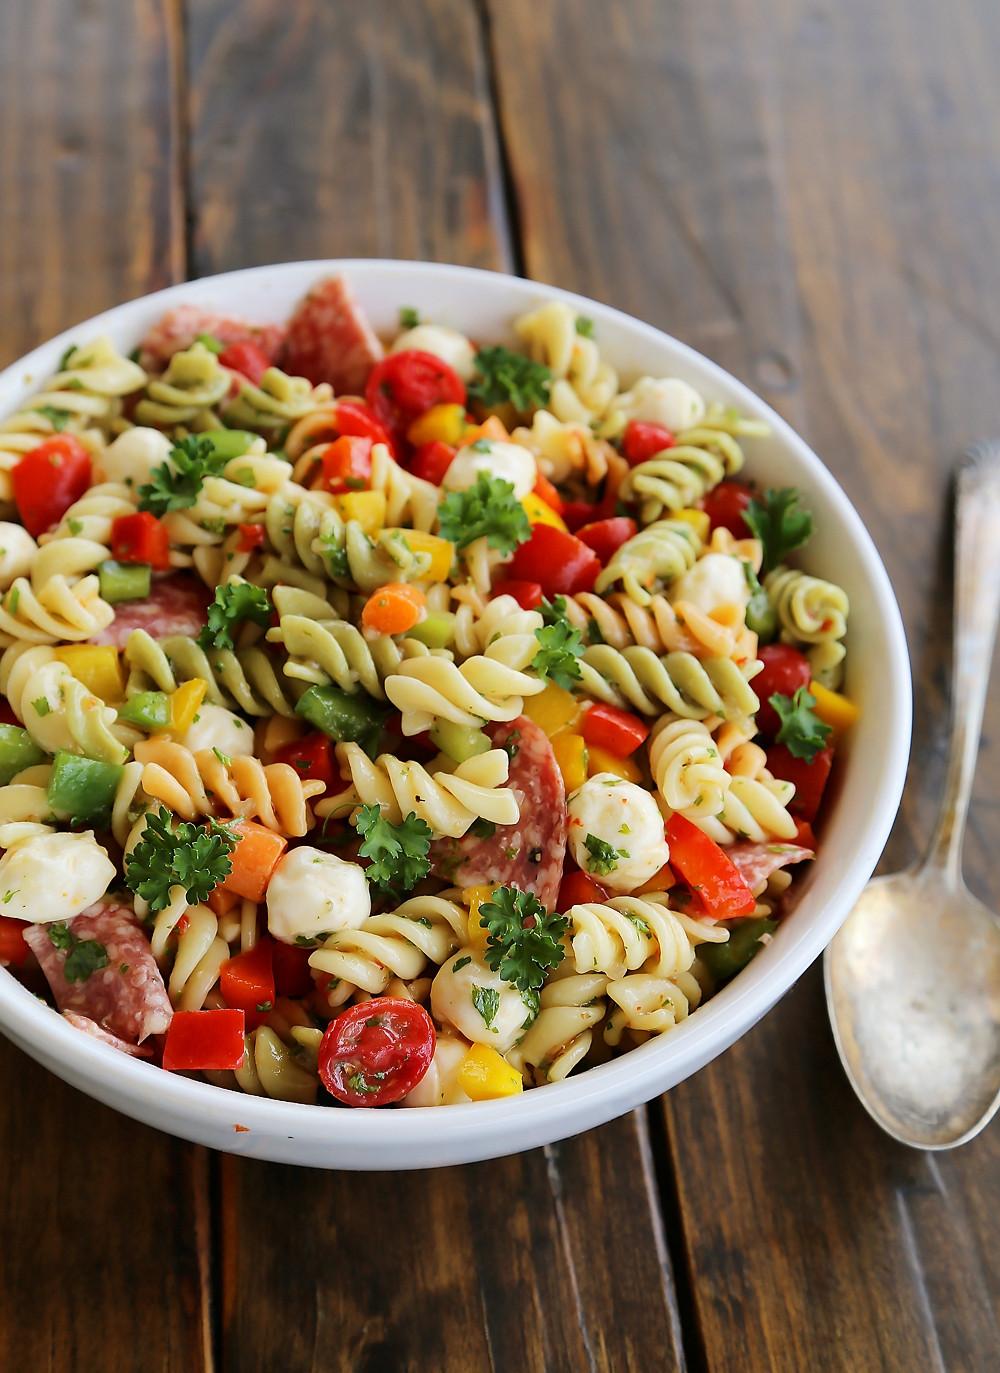 Simple Italian Recipes  7 Easy Pasta Salad Recipes 31 Daily